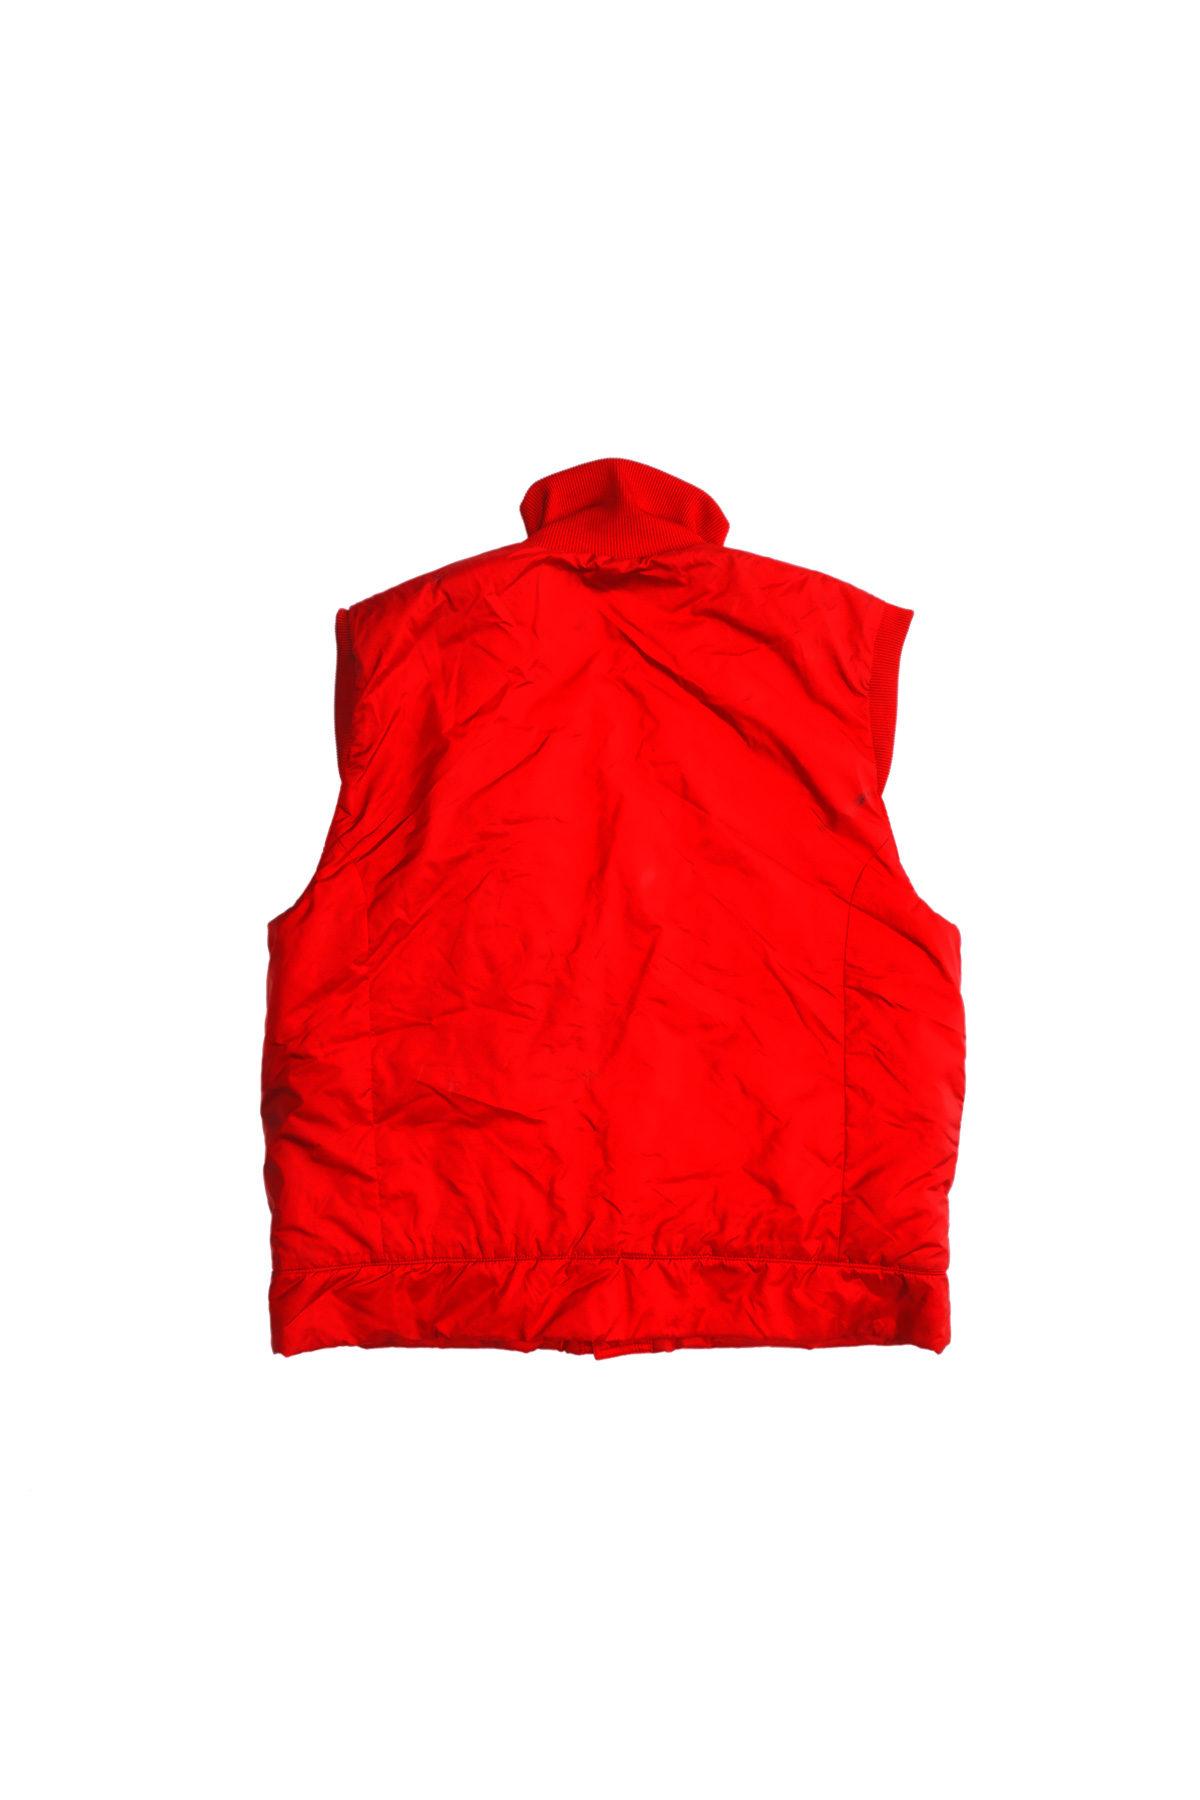 Adidas GIUBBINO VINTAGE Red